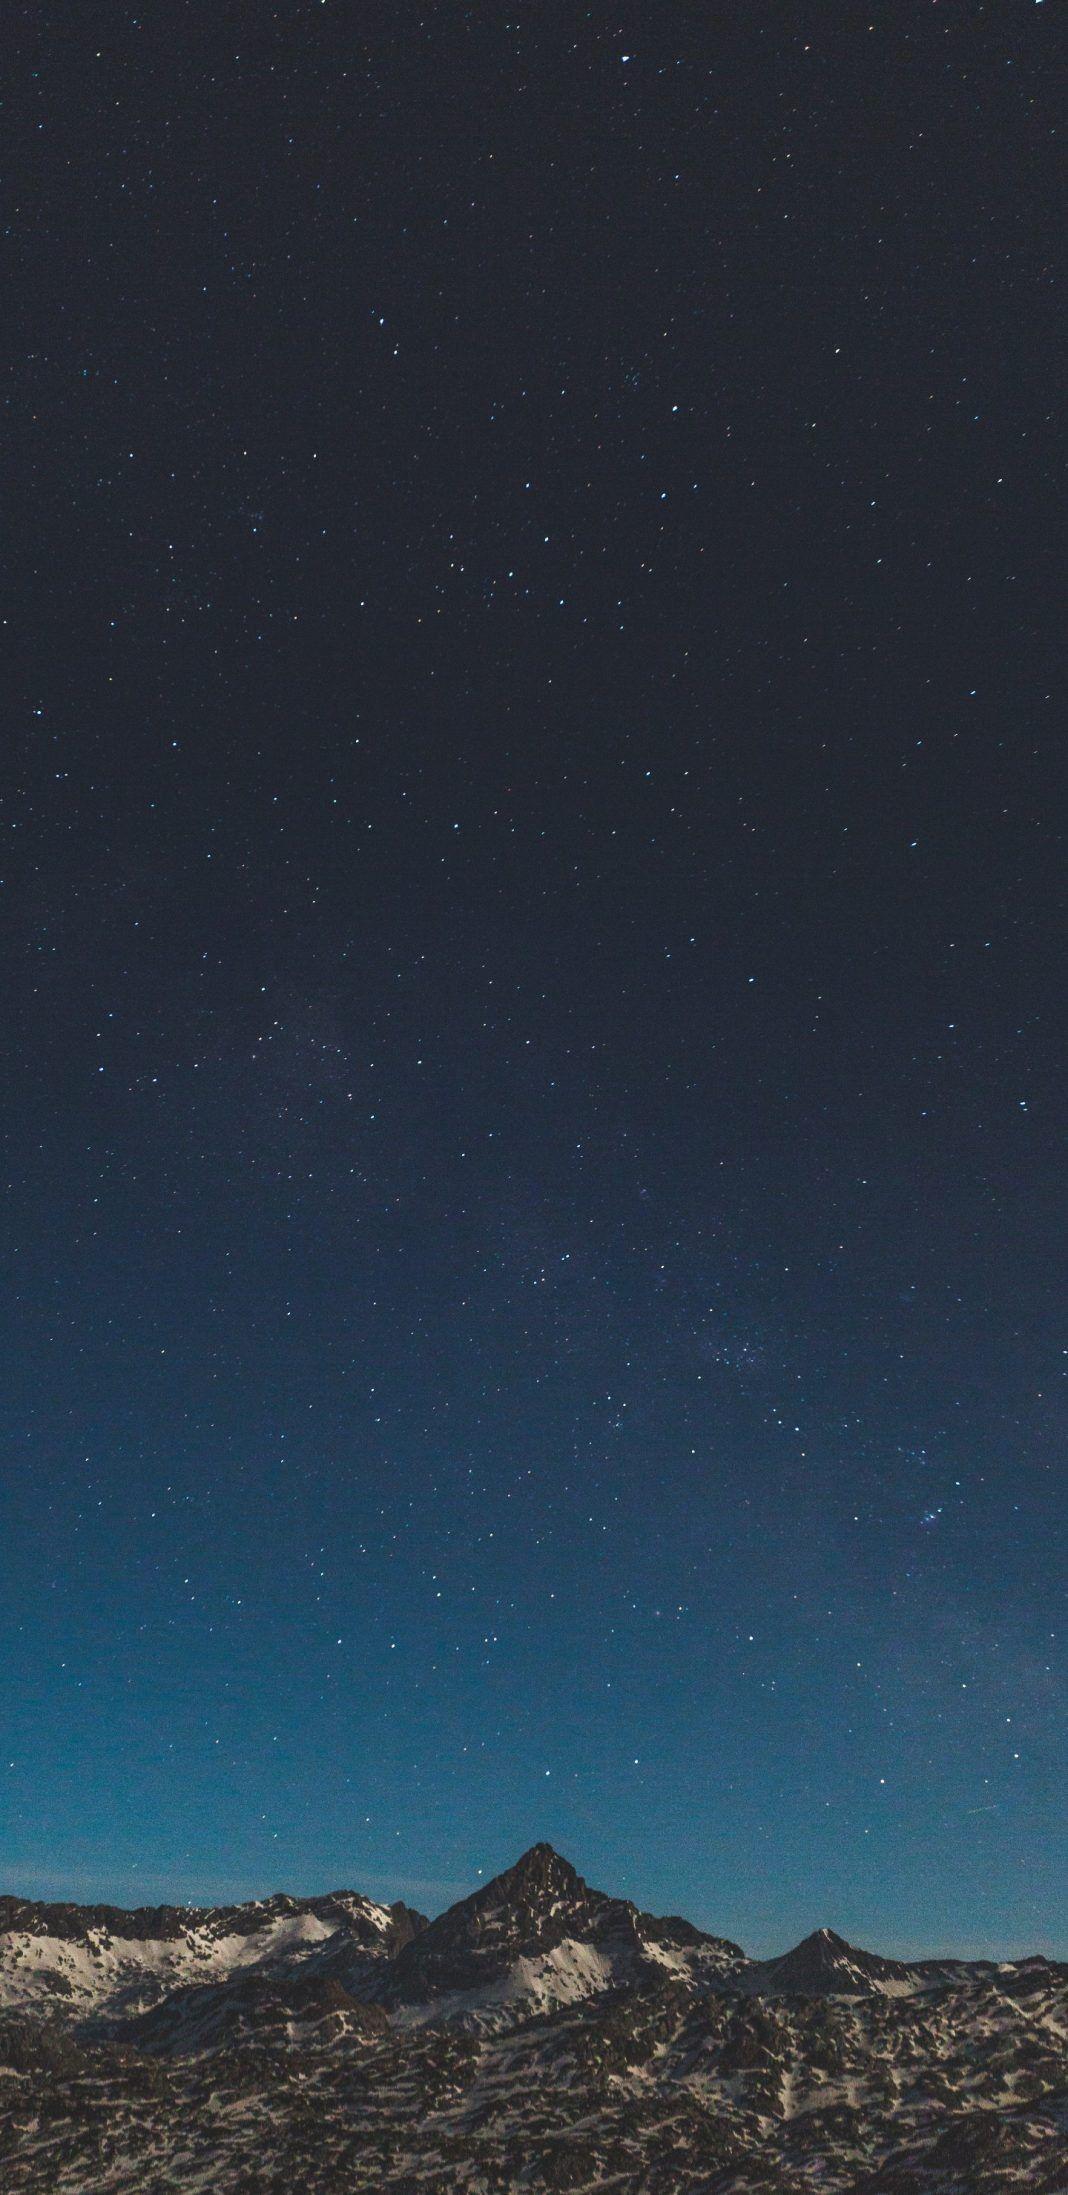 Best Of Samsung S8 Wallpaper Hd 1080p Download